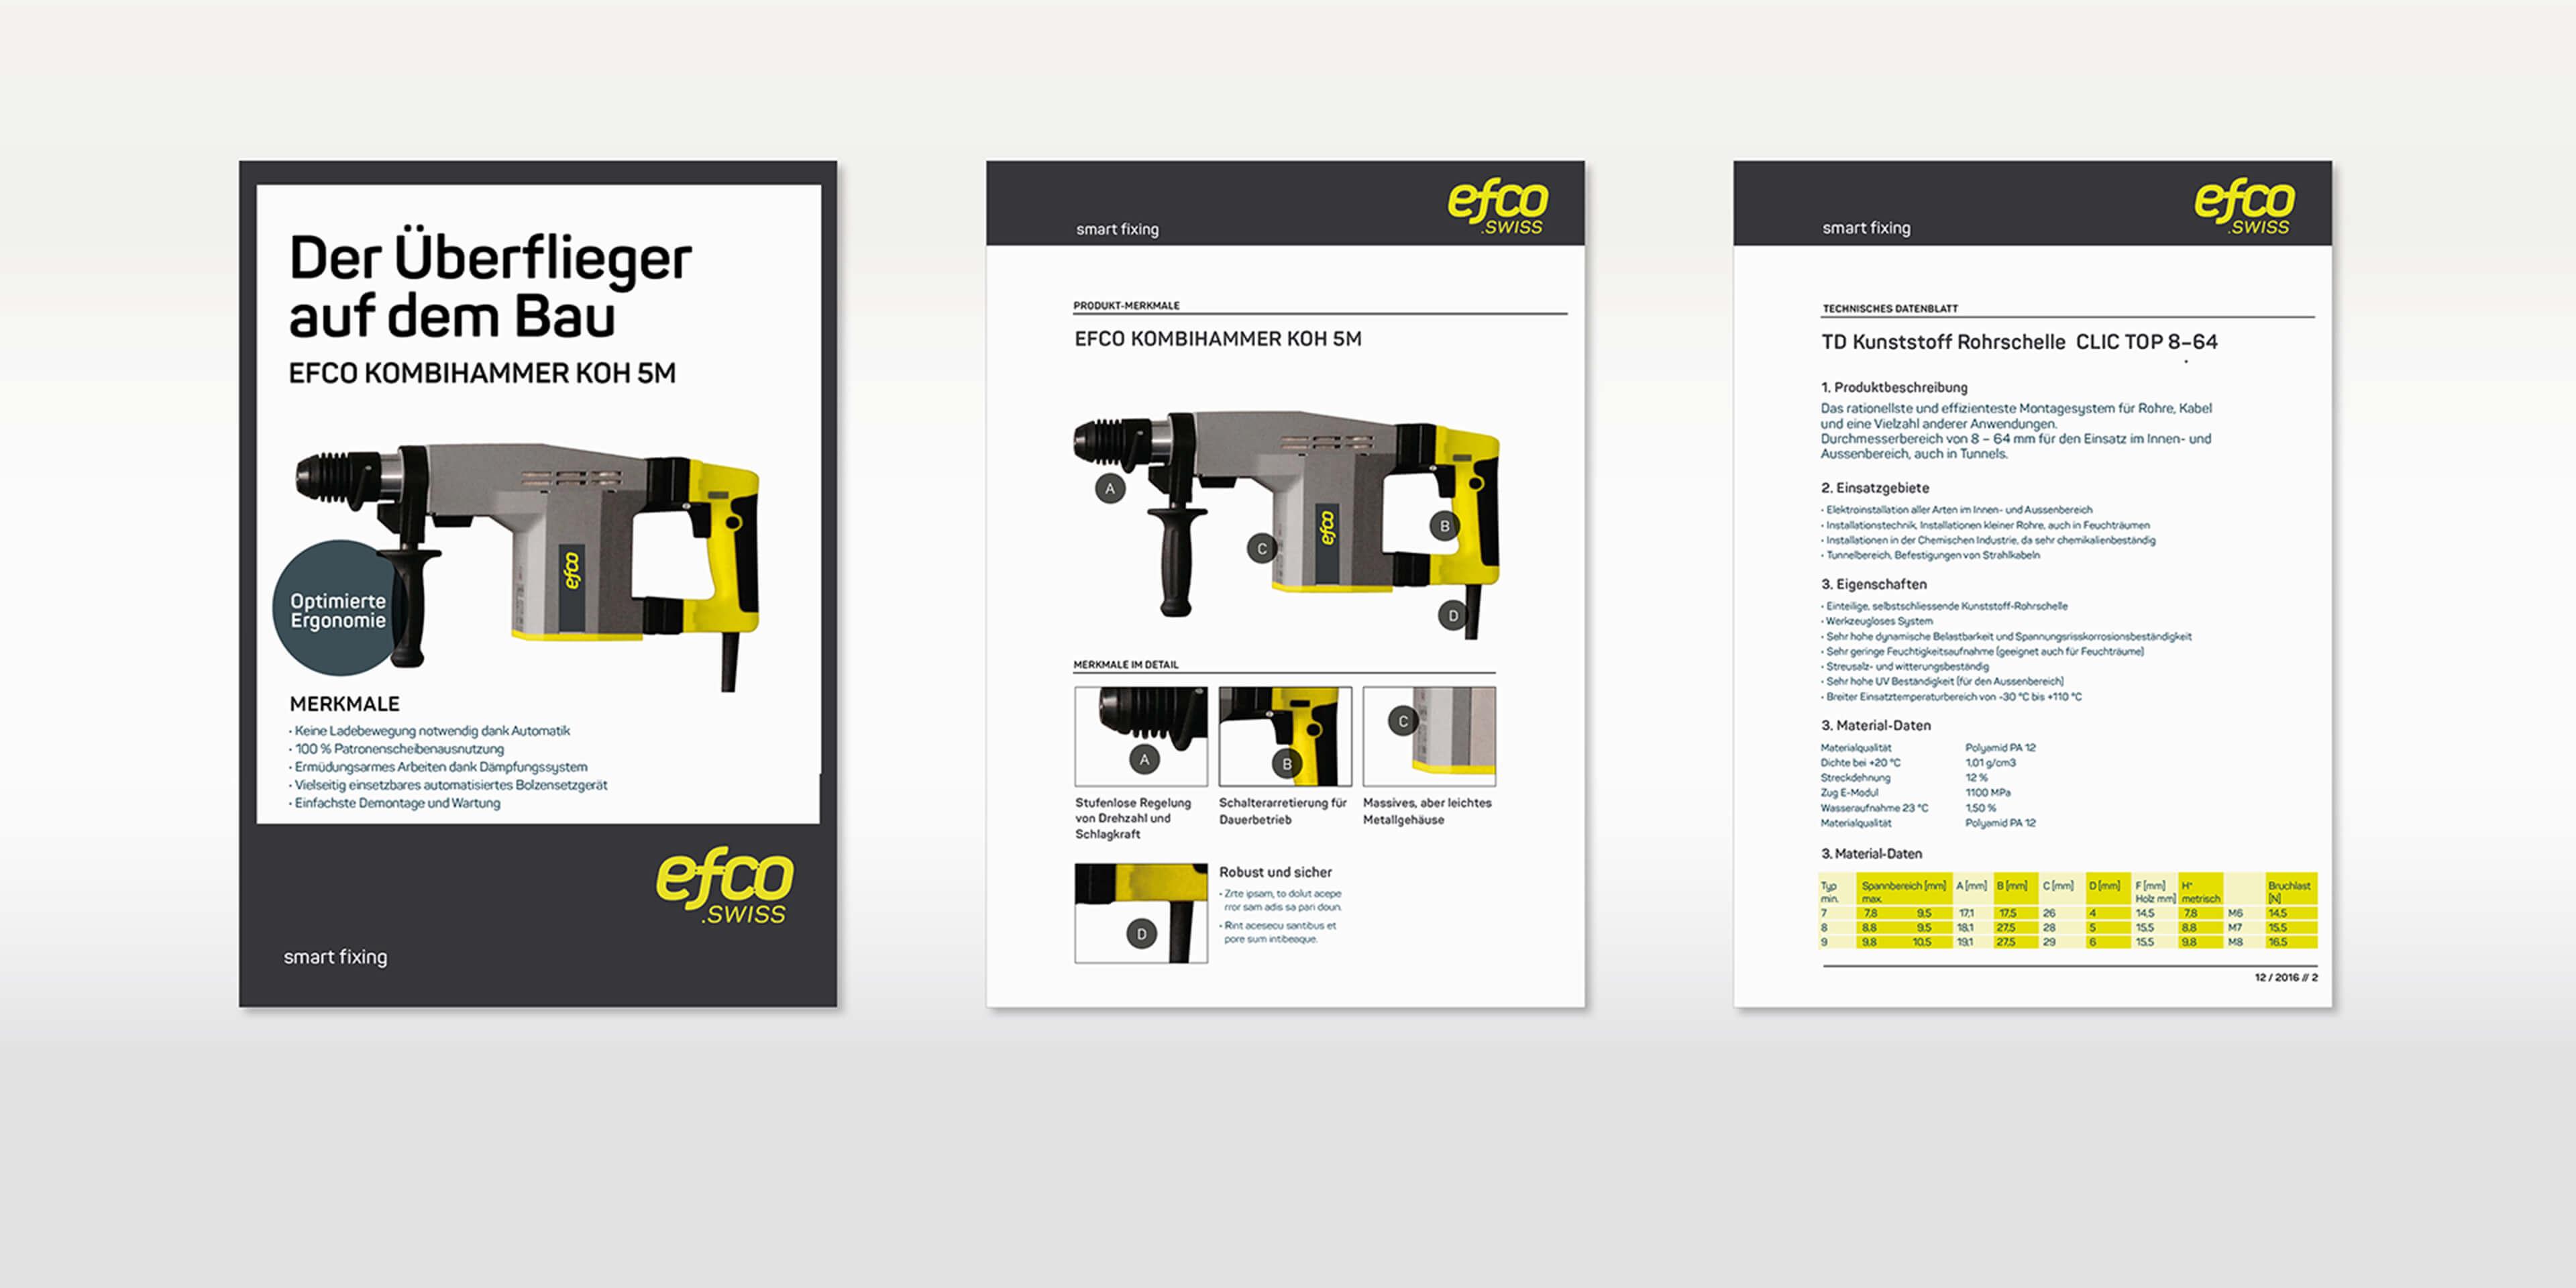 Produktkommunikation für EFCO